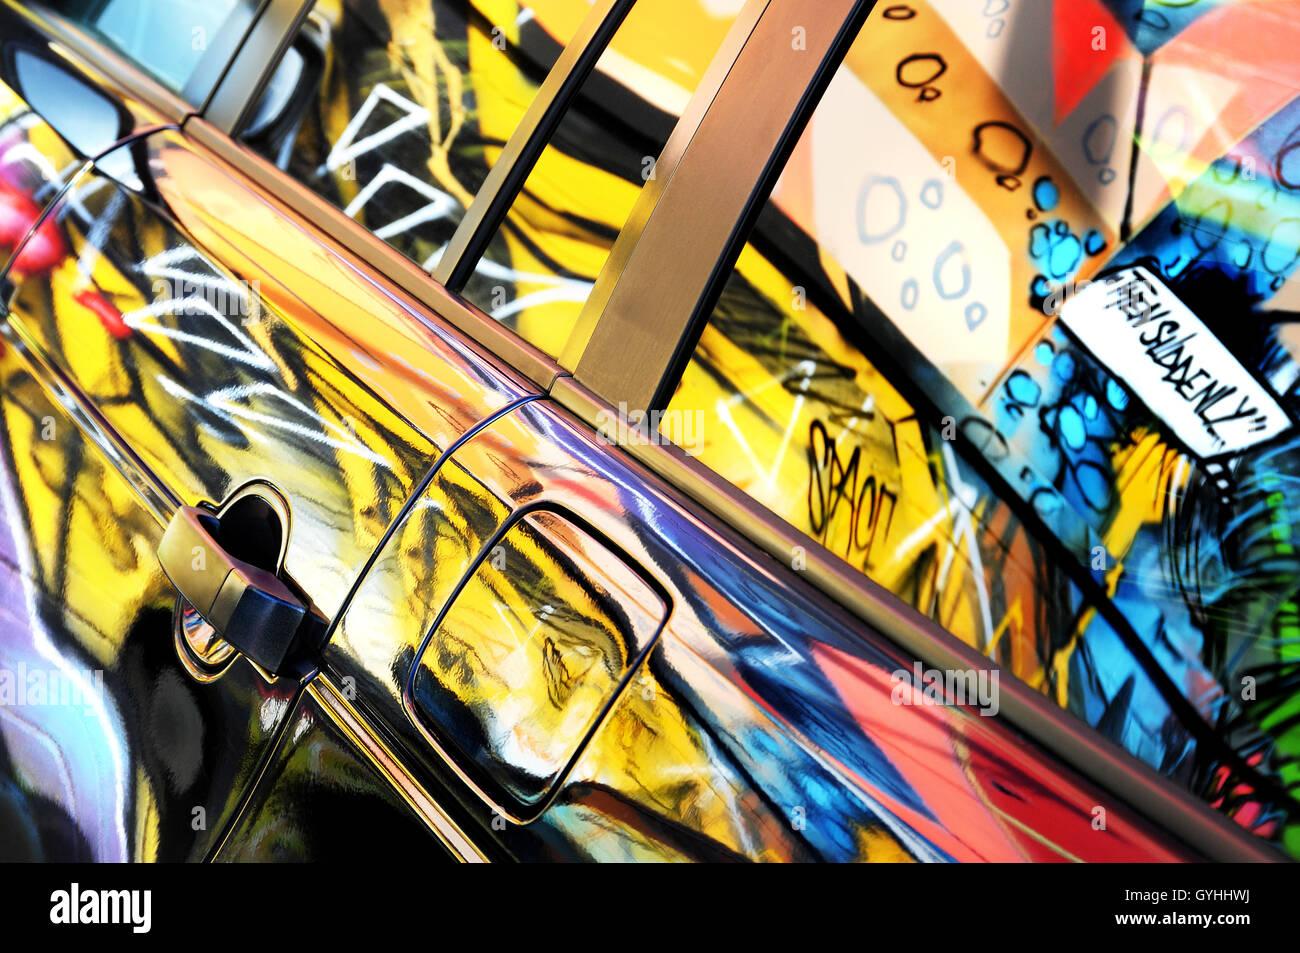 Car Graffiti Art Reflection Stock Photos & Car Graffiti Art ...